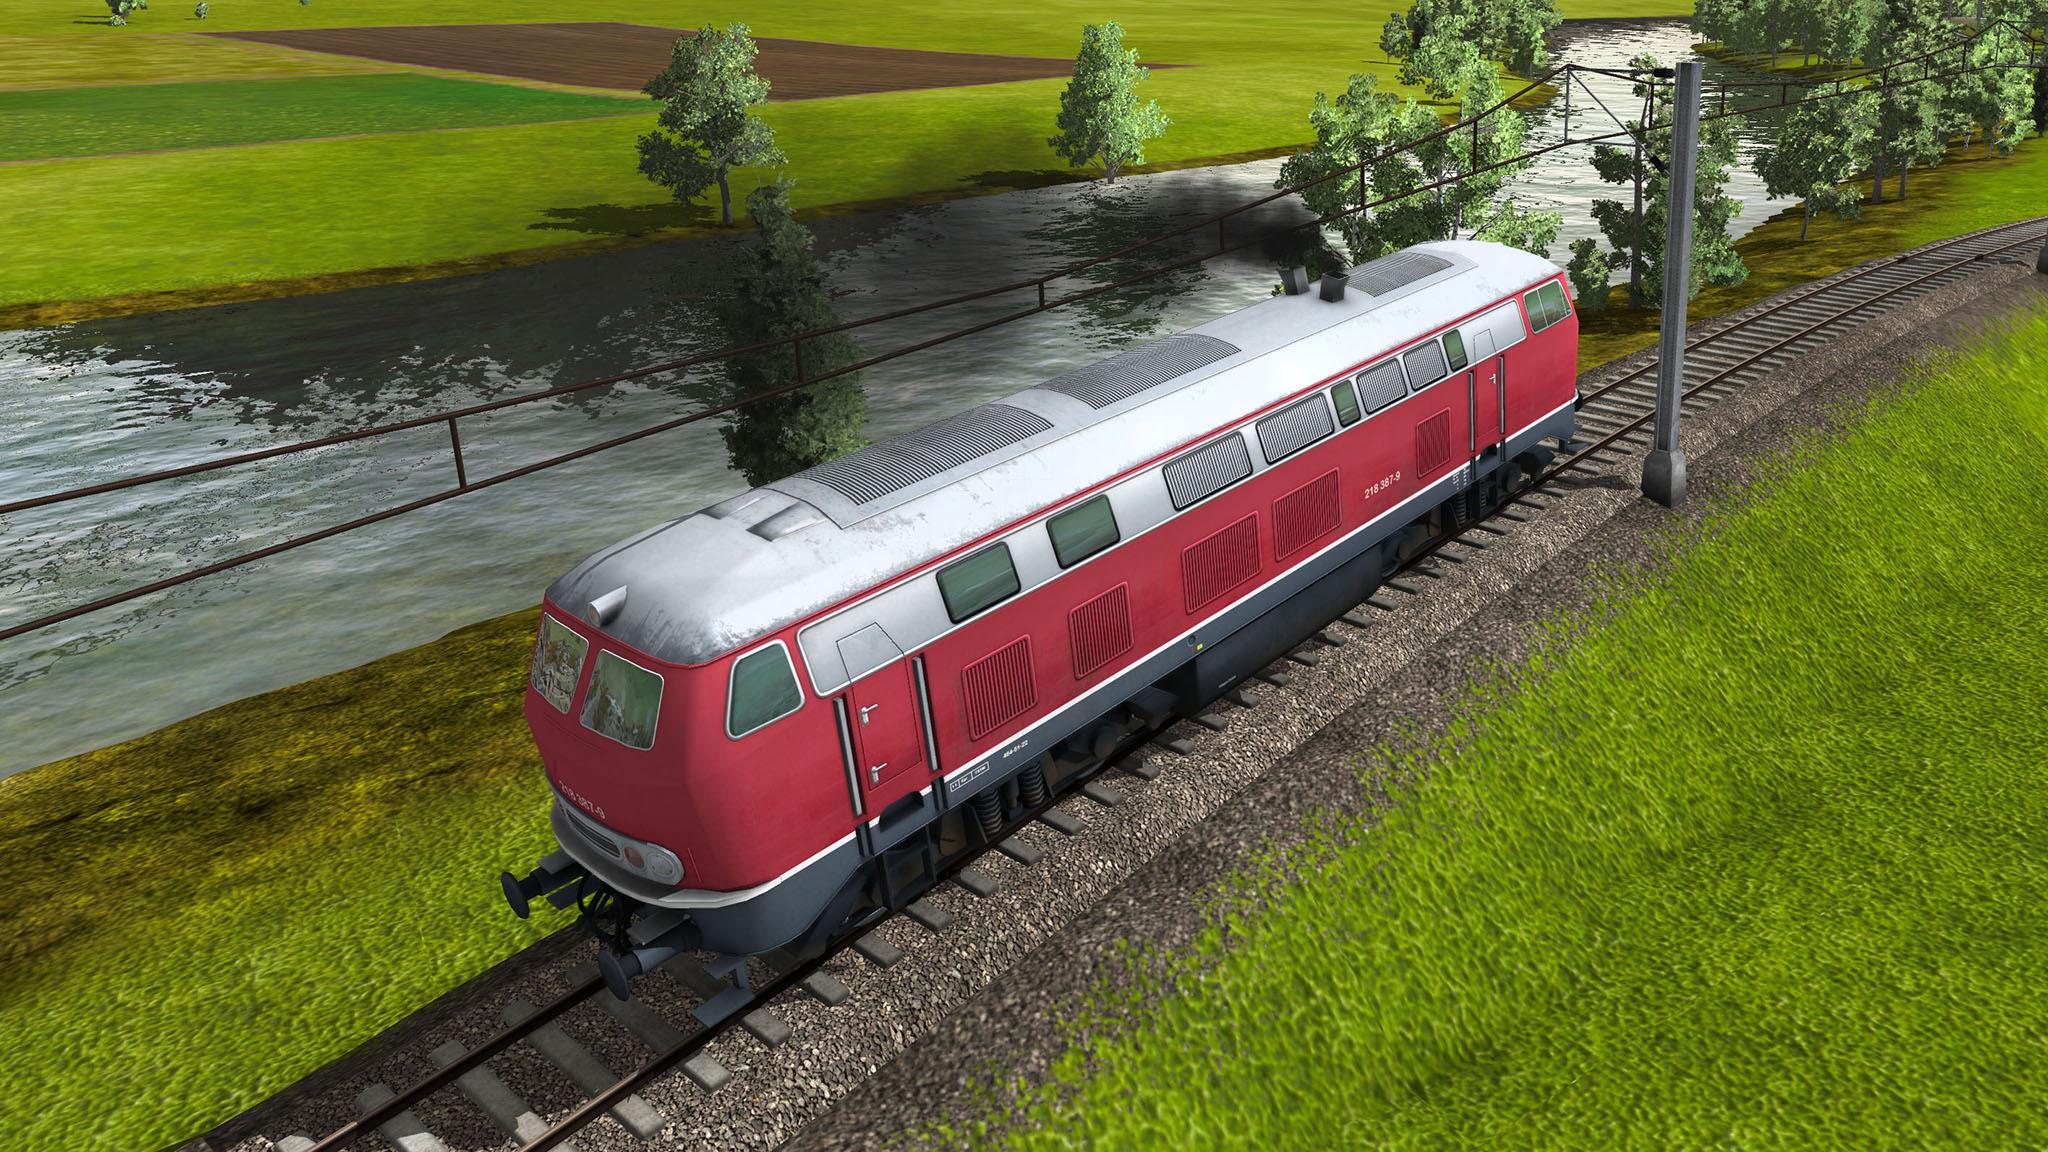 Скачать торрент симулятор железной дороги